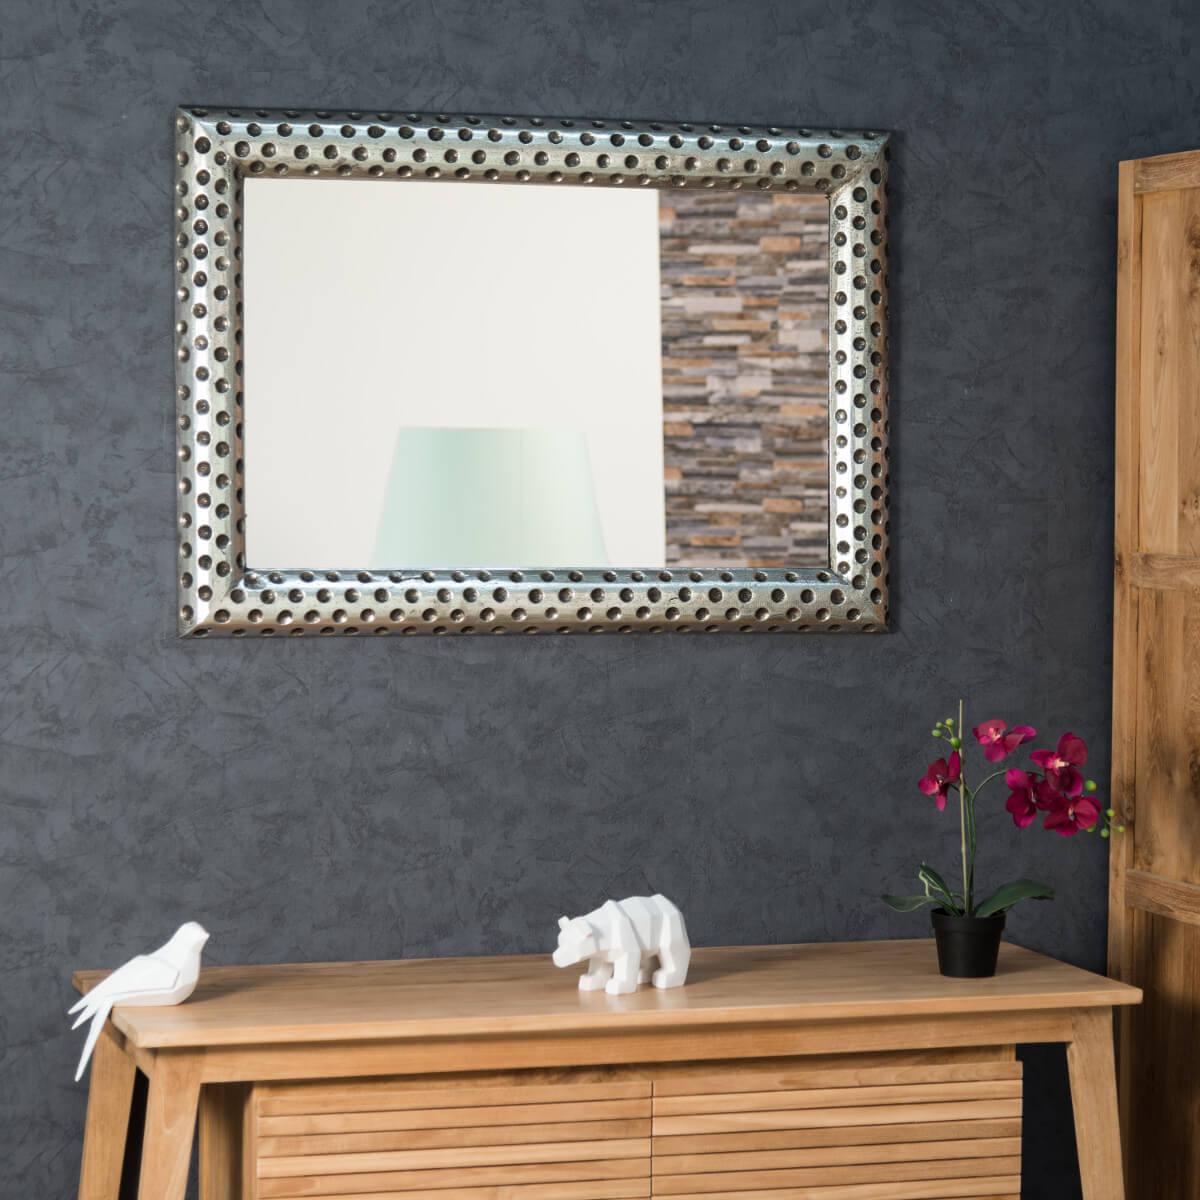 Miroir de d coration en bois massif pampelune for Miroir bois salon